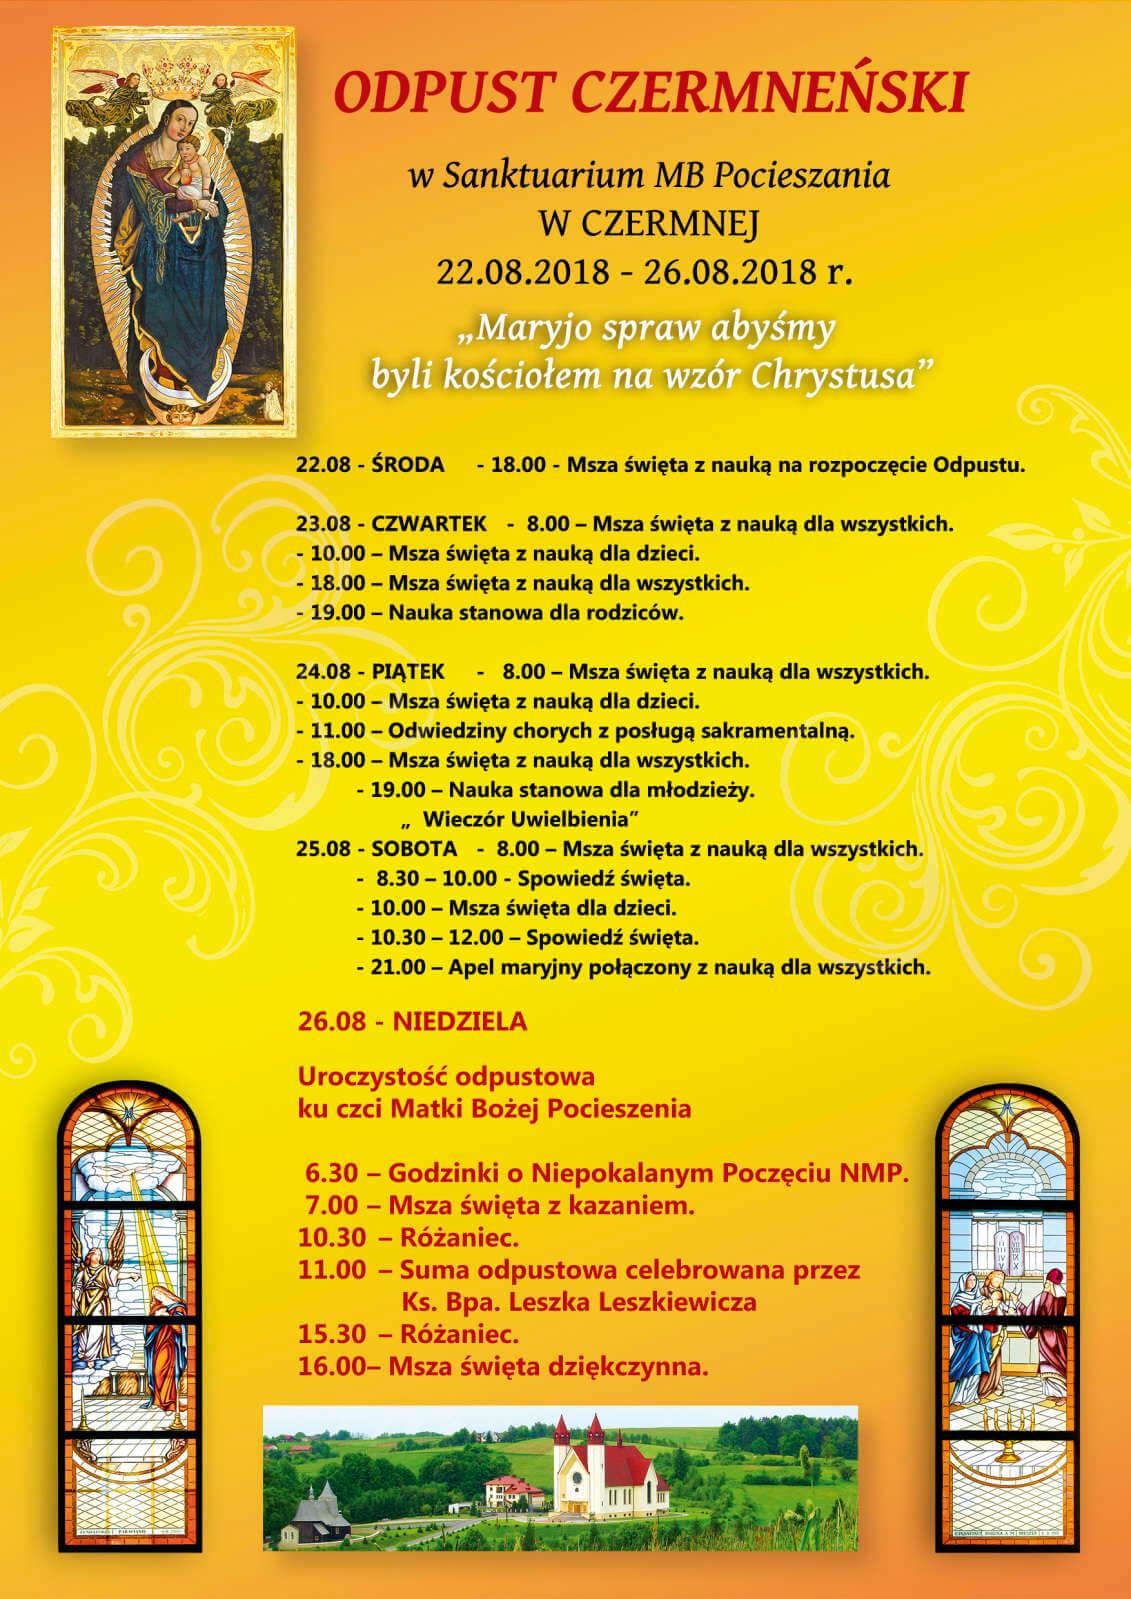 Zaproszenie na odpust do parafii Czermna